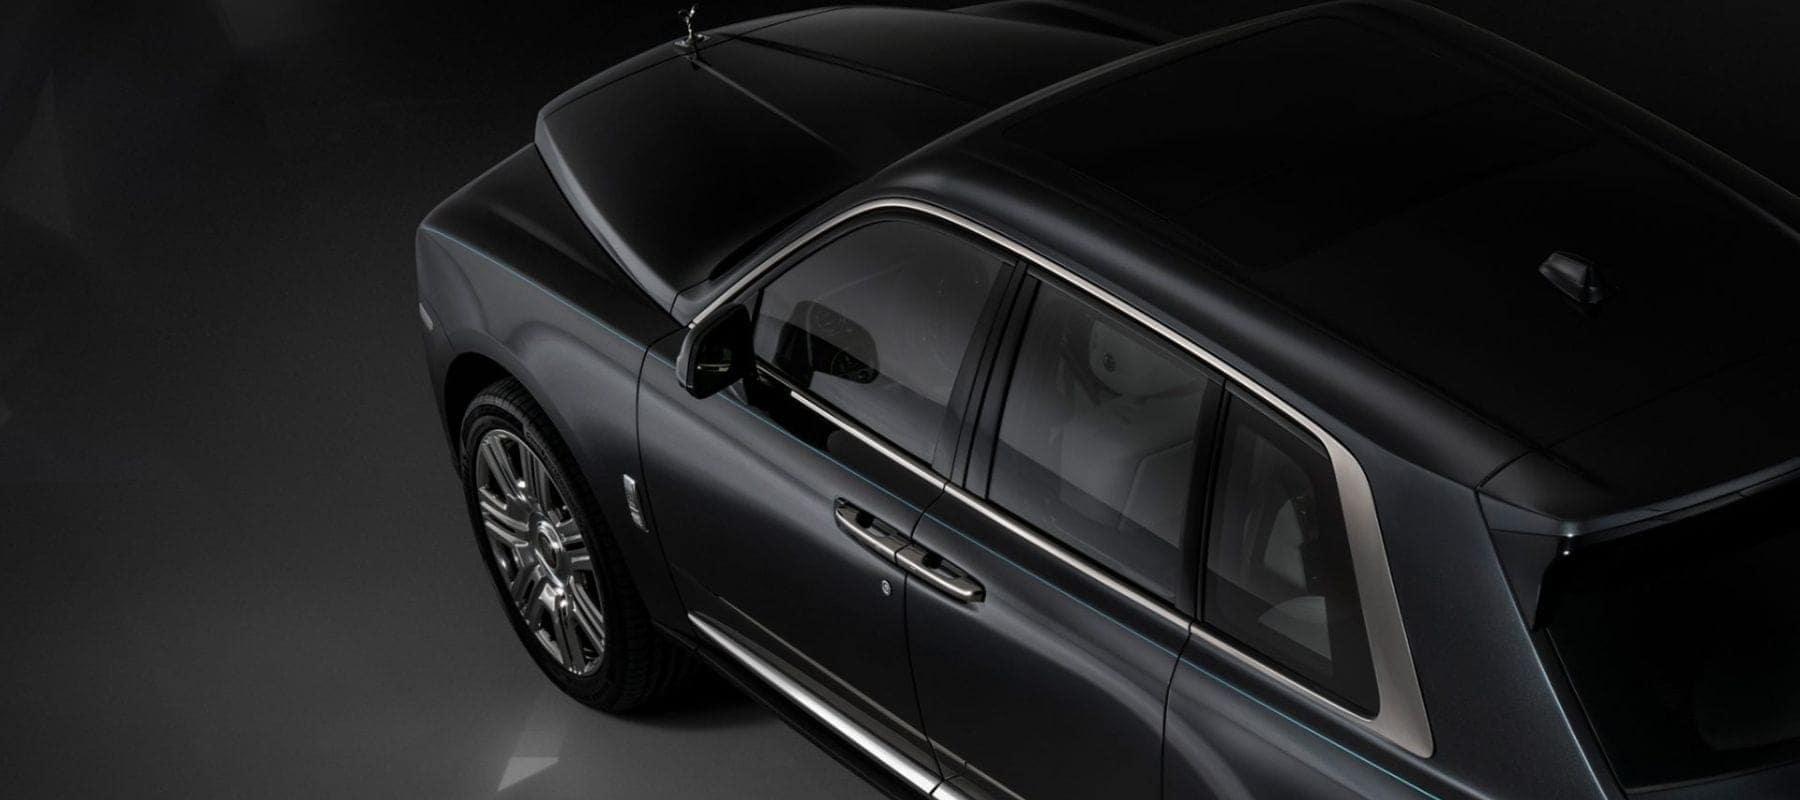 2019 Rolls Royce 26-RRMC-PP-CULLINAN-V2-2.jpg.rr.1920.MED